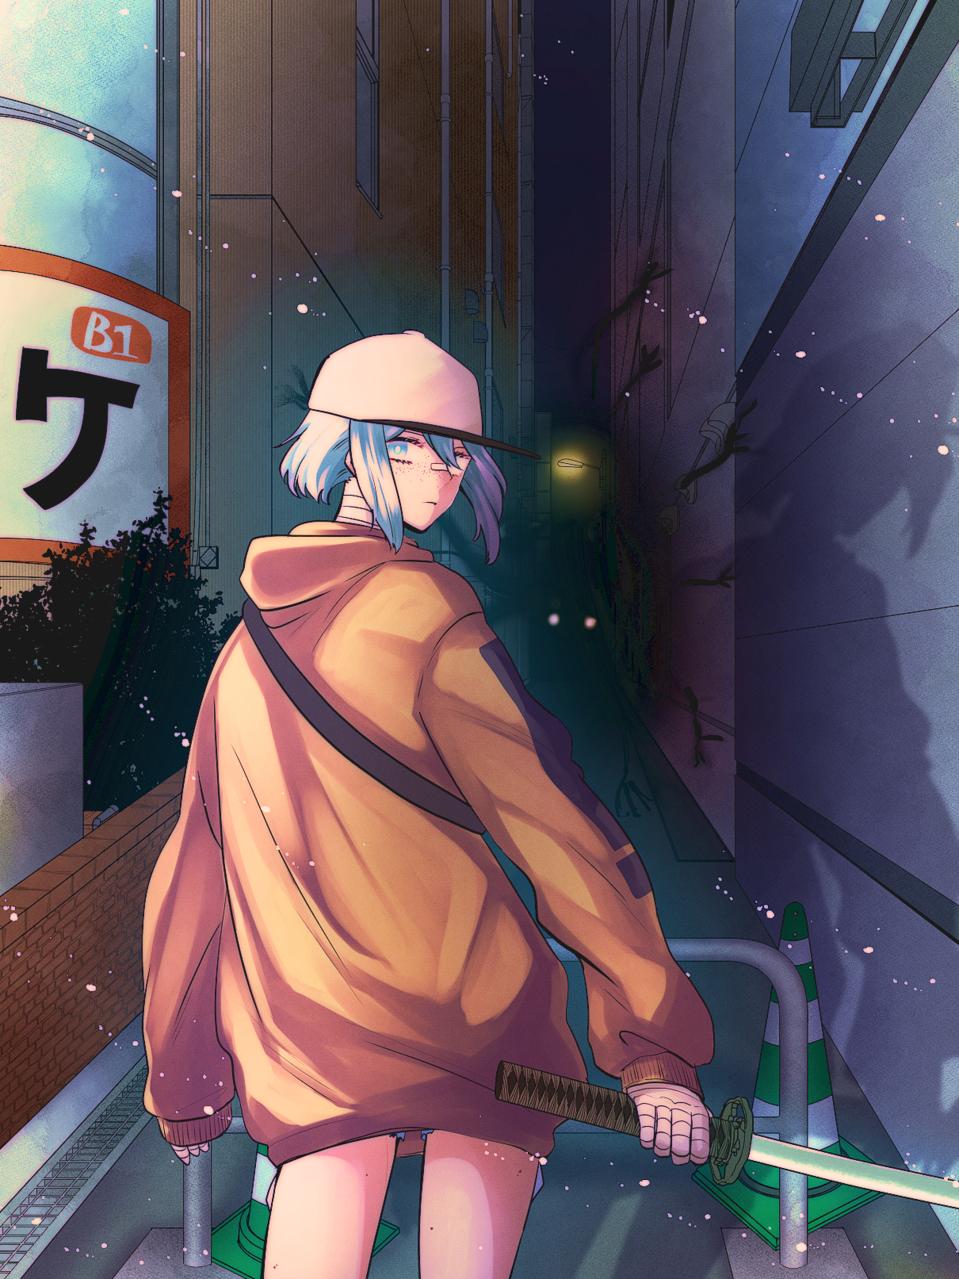 「離れといて」 Illust of 前川なごみ January2021_Contest:OC oc